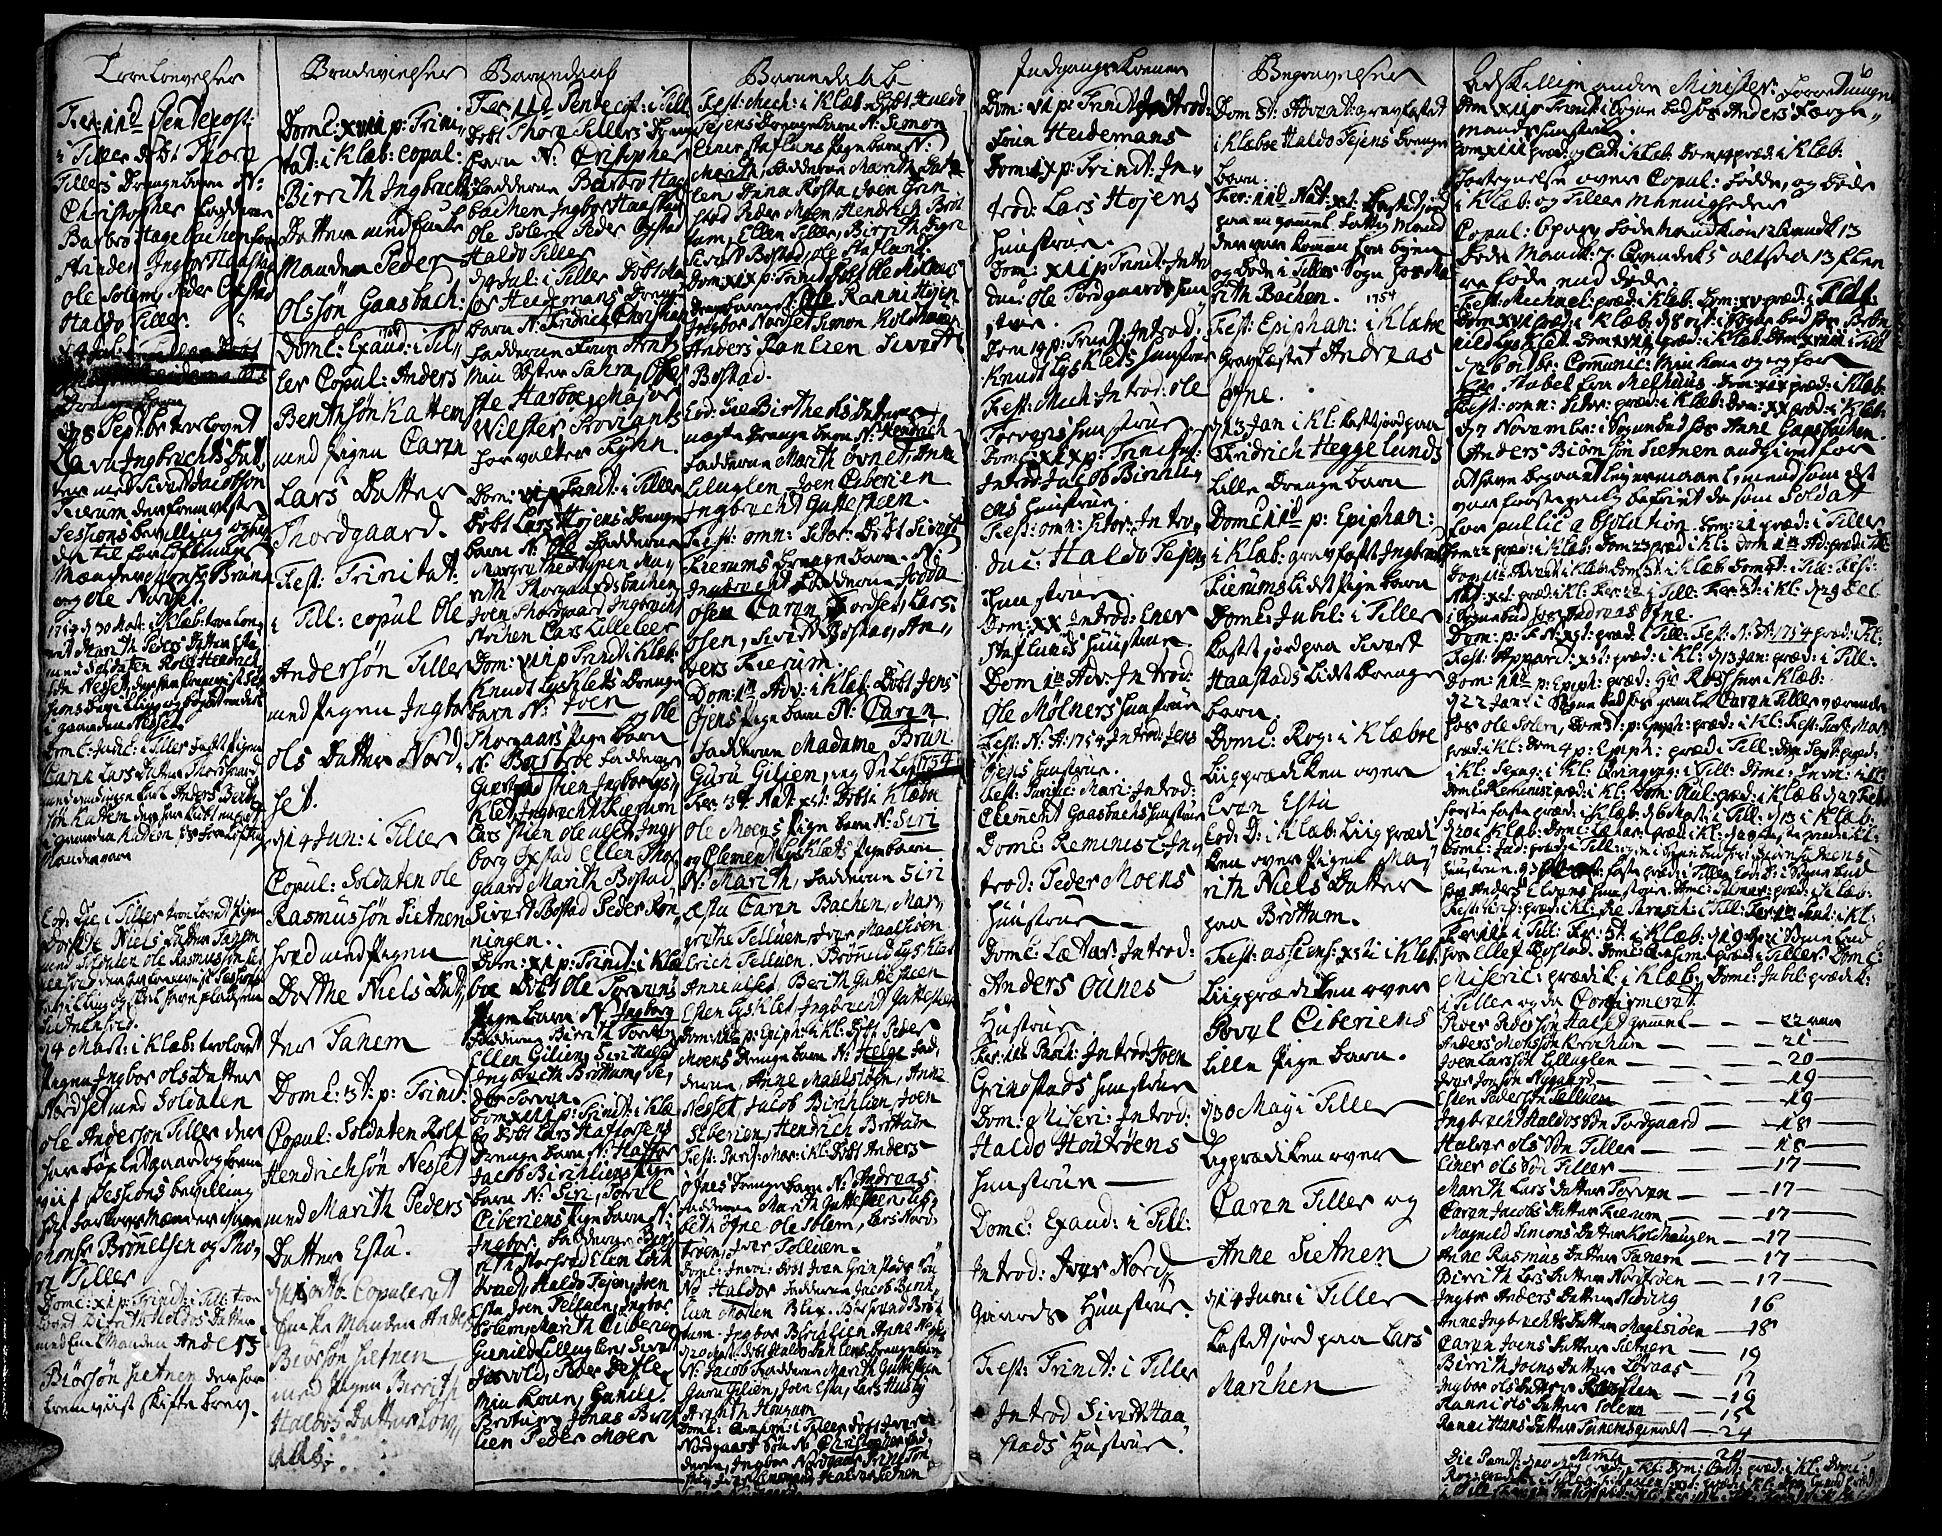 SAT, Ministerialprotokoller, klokkerbøker og fødselsregistre - Sør-Trøndelag, 618/L0437: Ministerialbok nr. 618A02, 1749-1782, s. 6